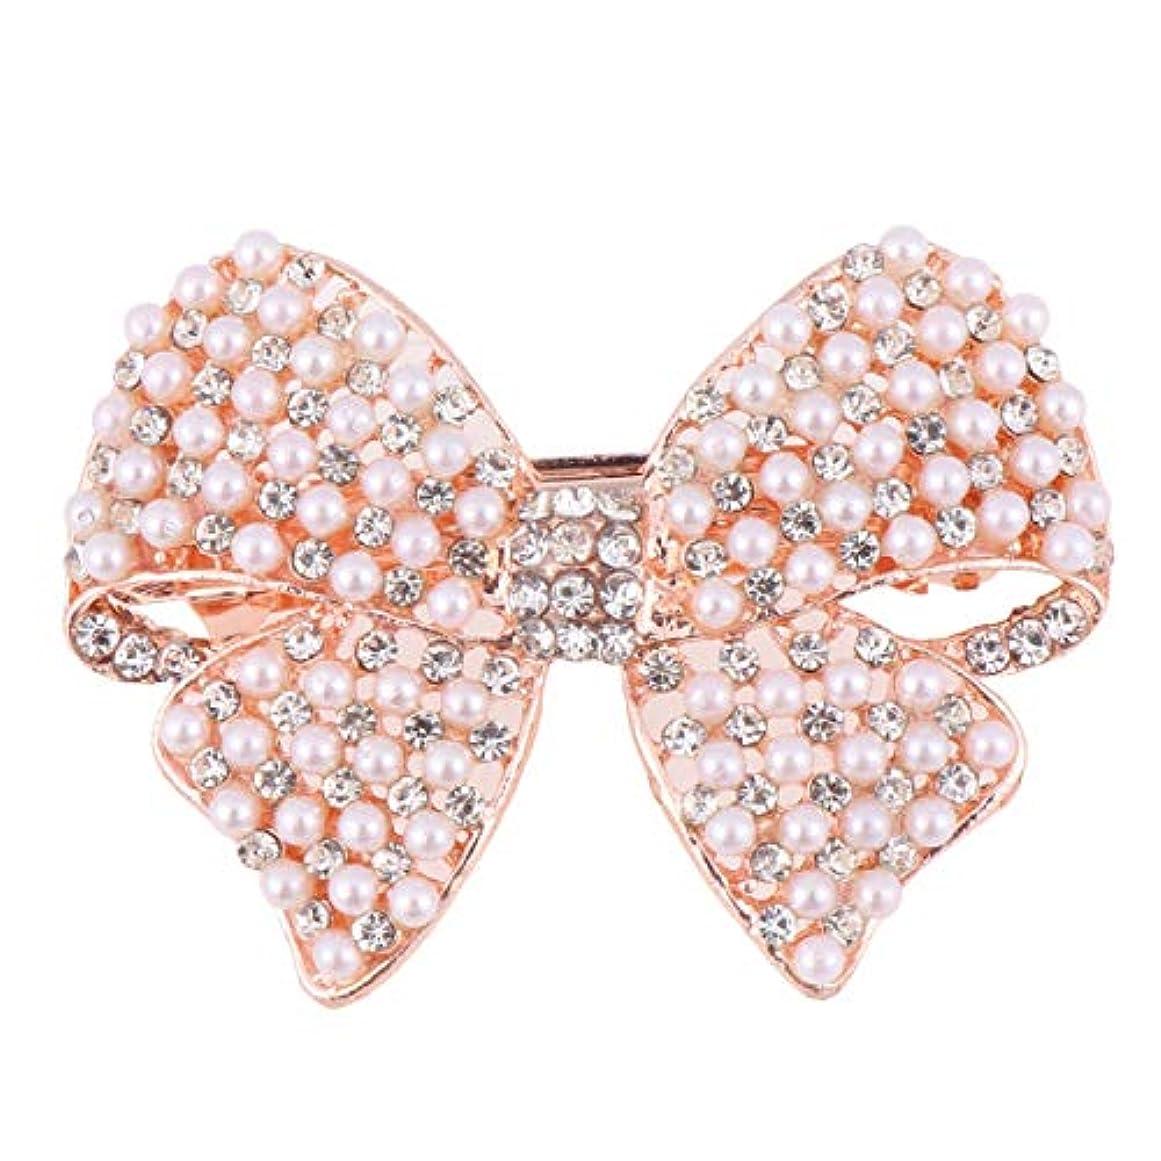 同級生コイル豊かにするBeaupretty 女性のための真珠の弓のヘアクリップラインストーンヘアピンヘッドドレスバレッタちょう結び